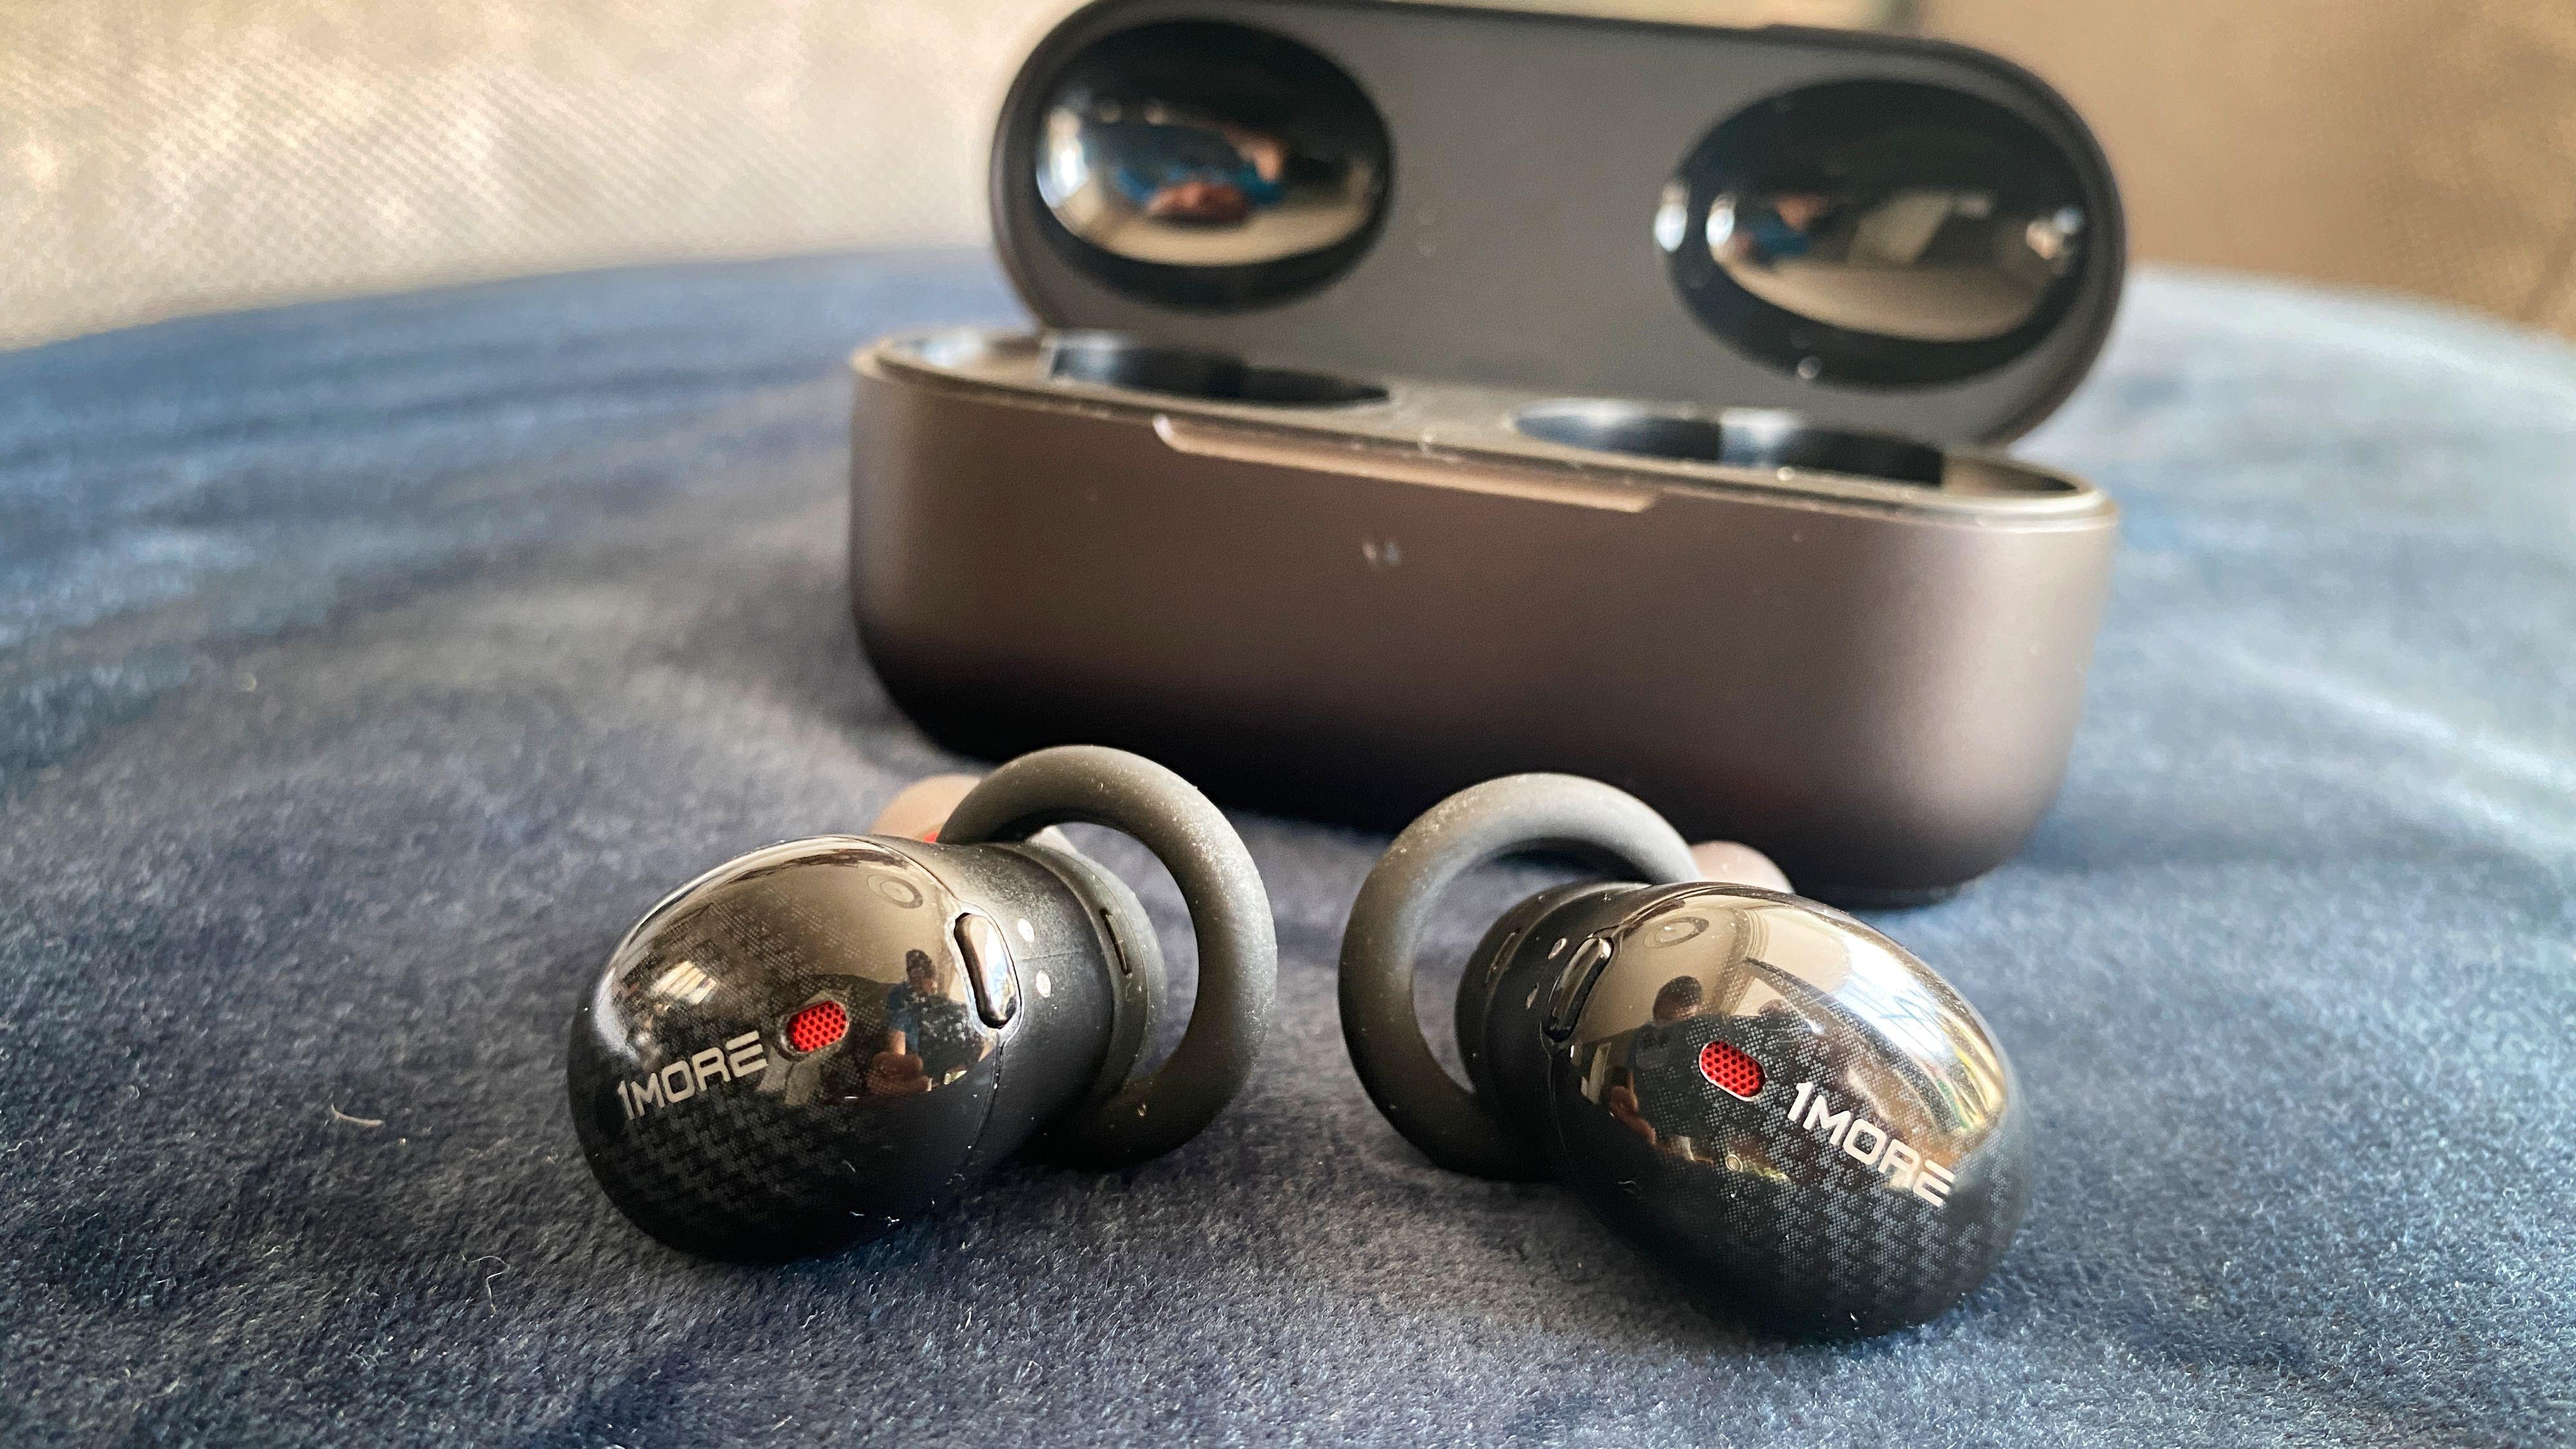 Vi er tilbøyelige til å anbefale 1More True Wireless ANC kun basert på lydkvaliteten.